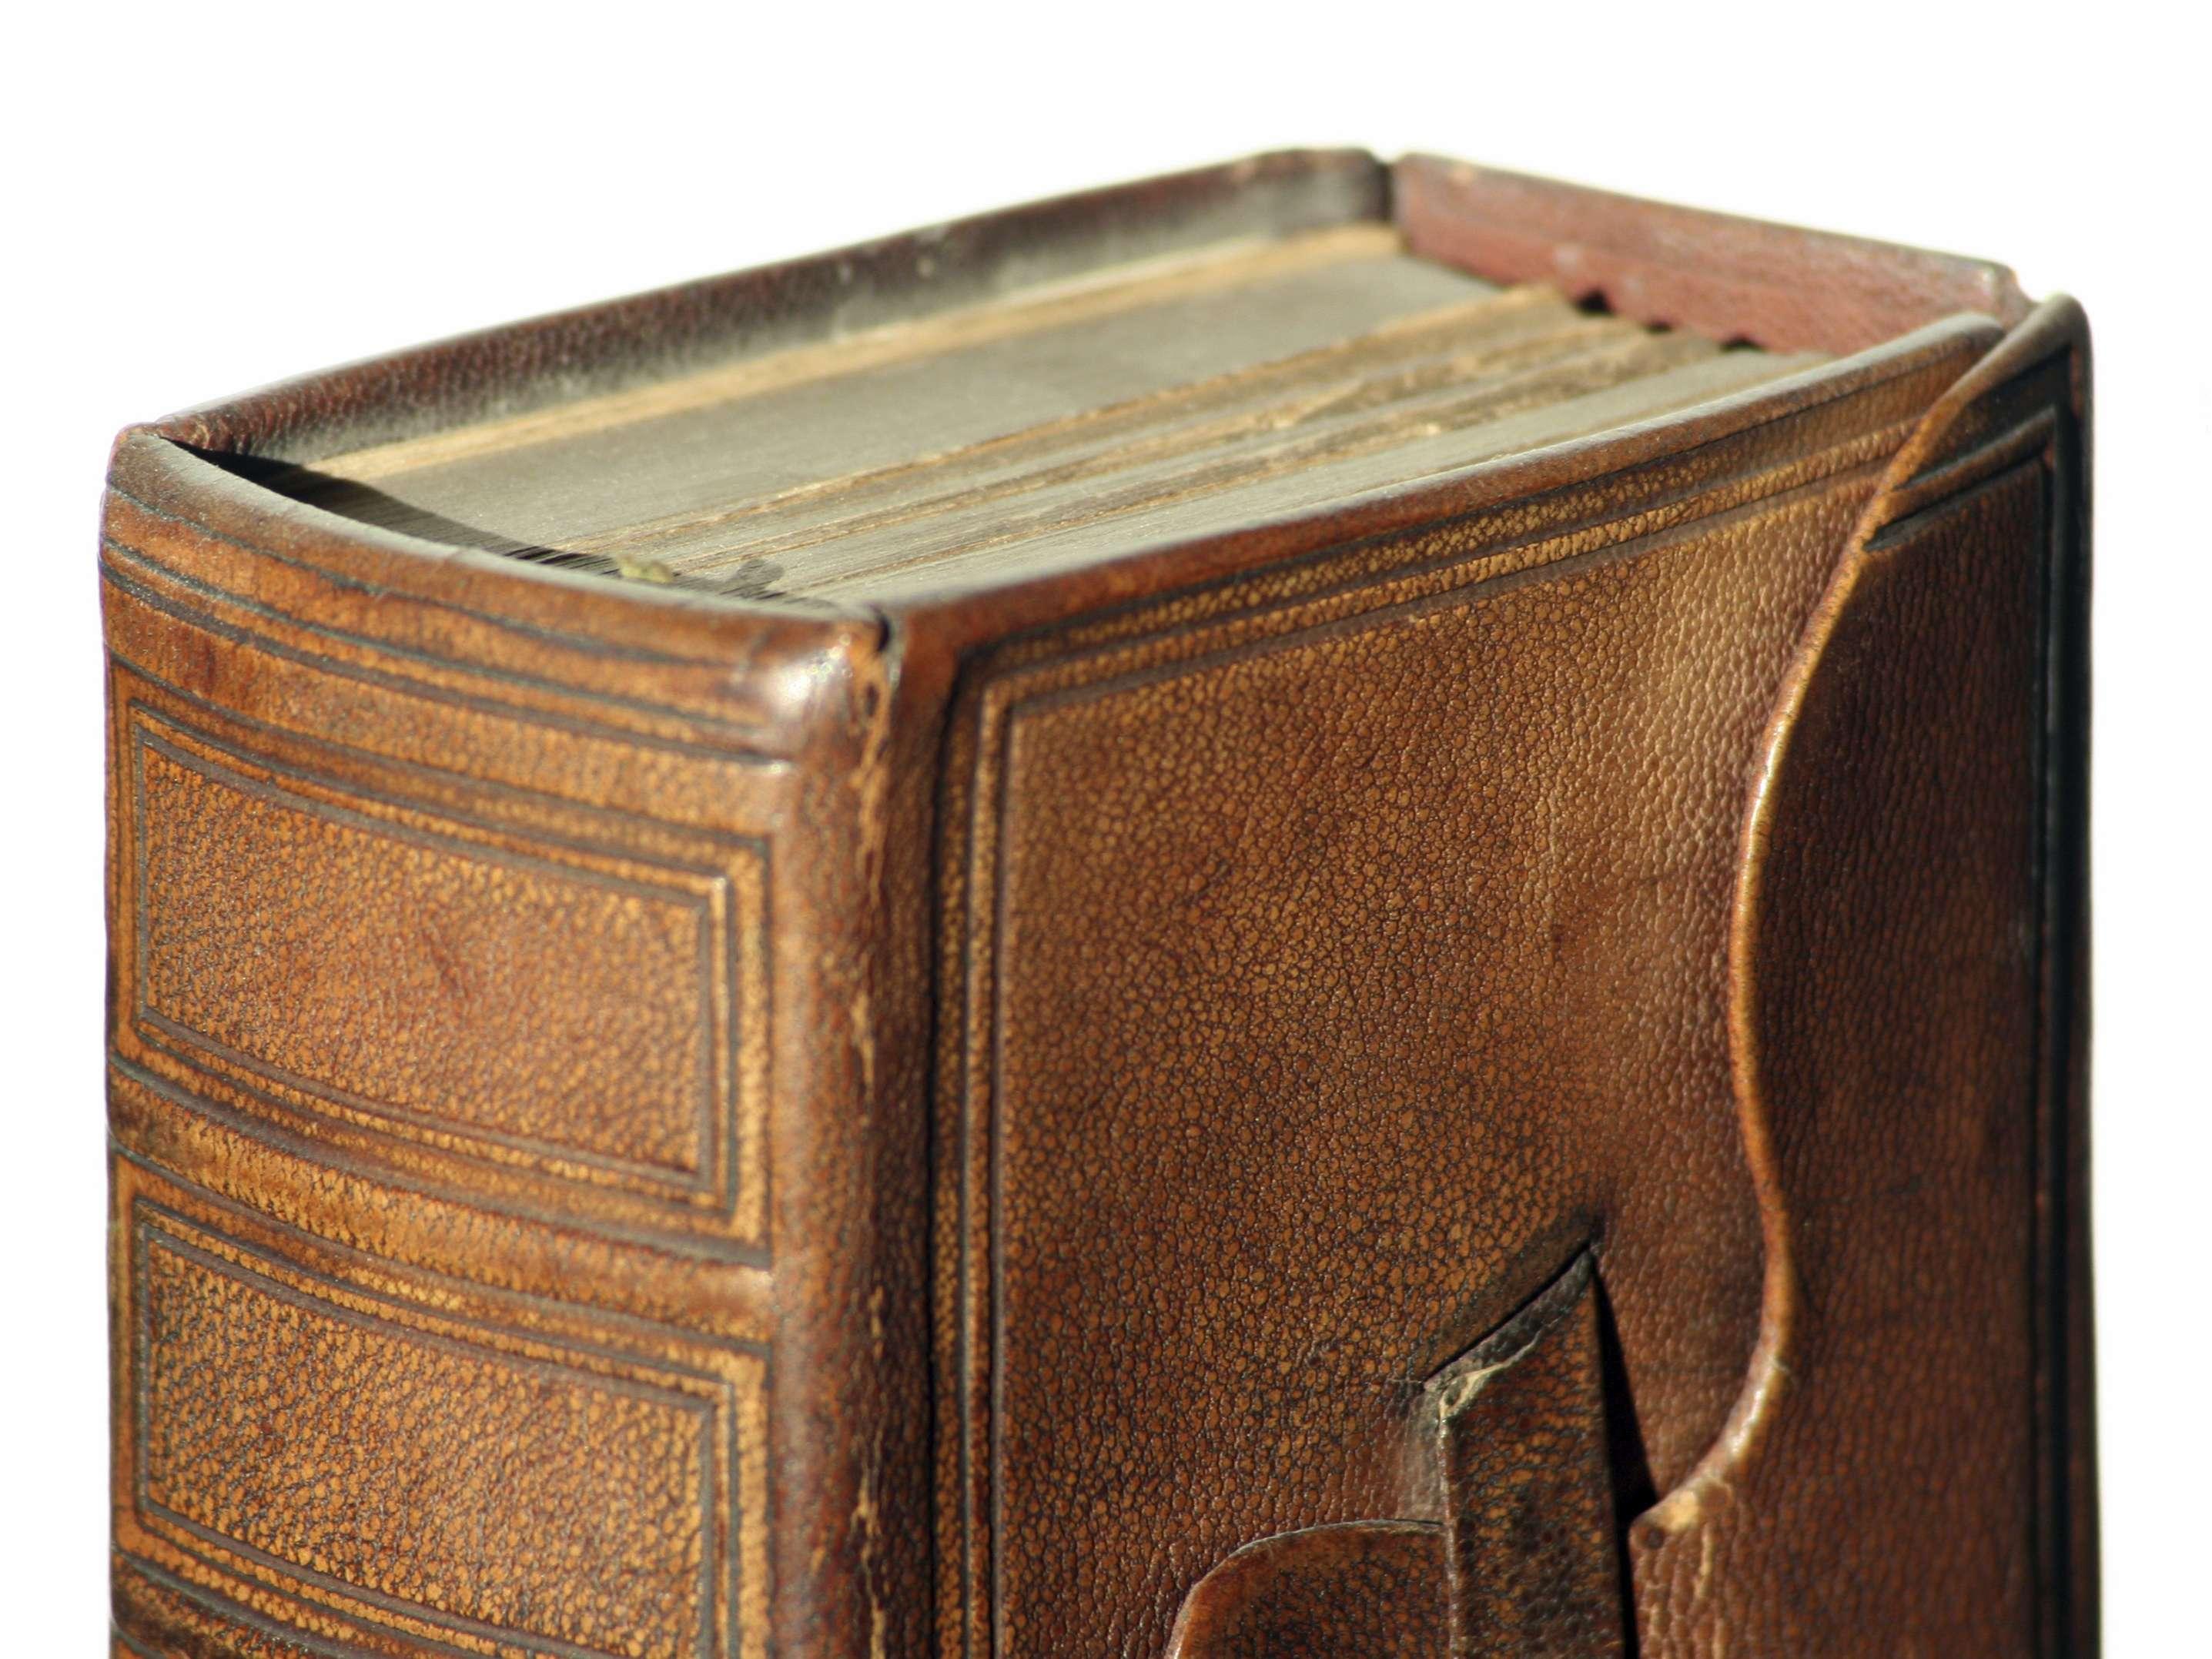 Algunos libros están forrados con piel de cadáver diseccionado. Foto: iStock